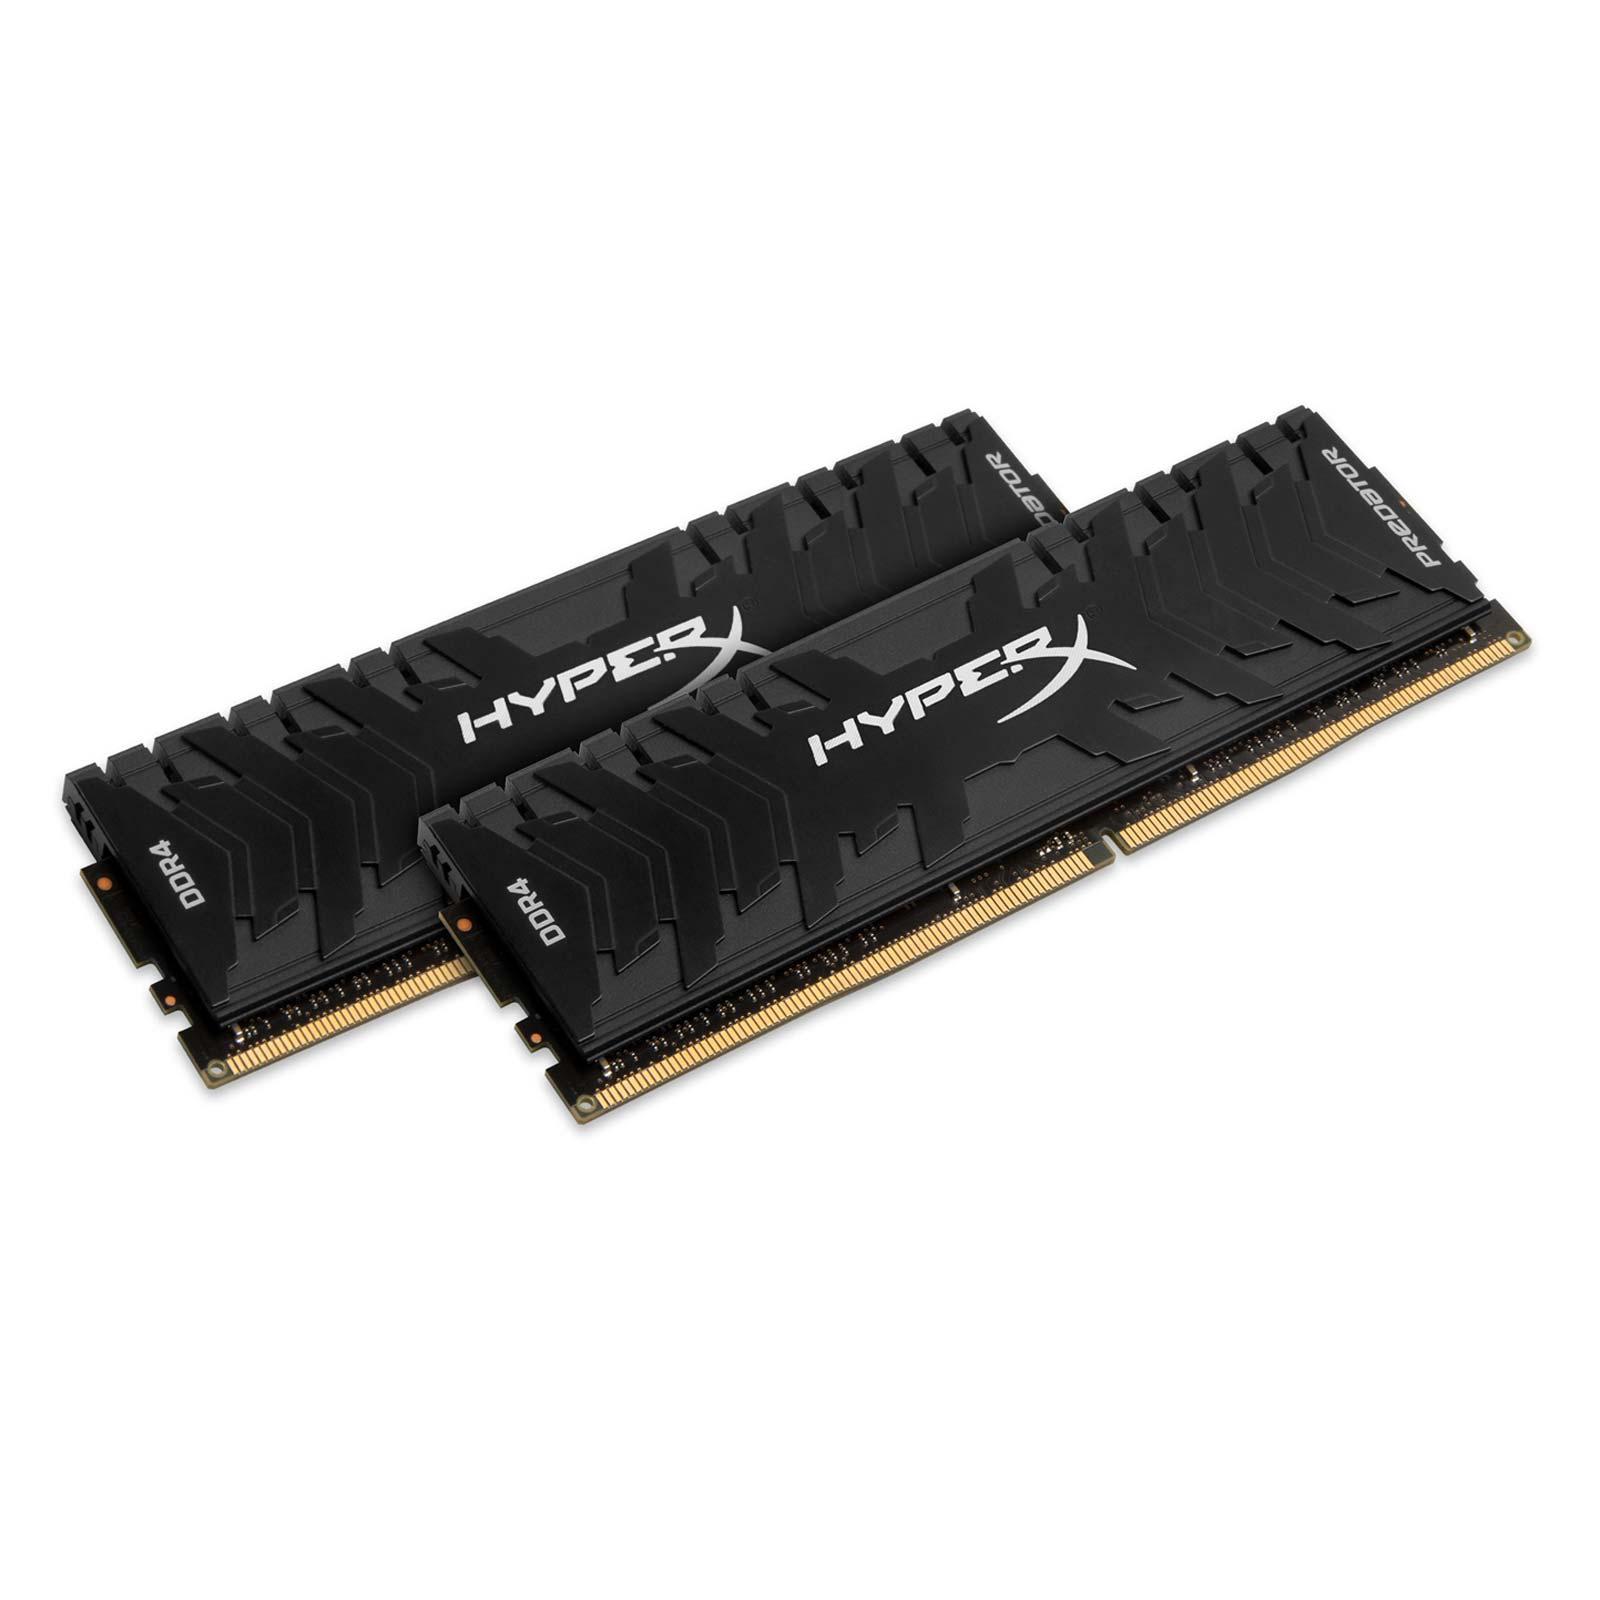 Kingston HX432C16PB3K2/16 16Go (2x8Go DDR4 3200 PC25600) (HX432C16PB3K2/16) - Achat / Vente Mémoire PC sur Cybertek.fr - 0